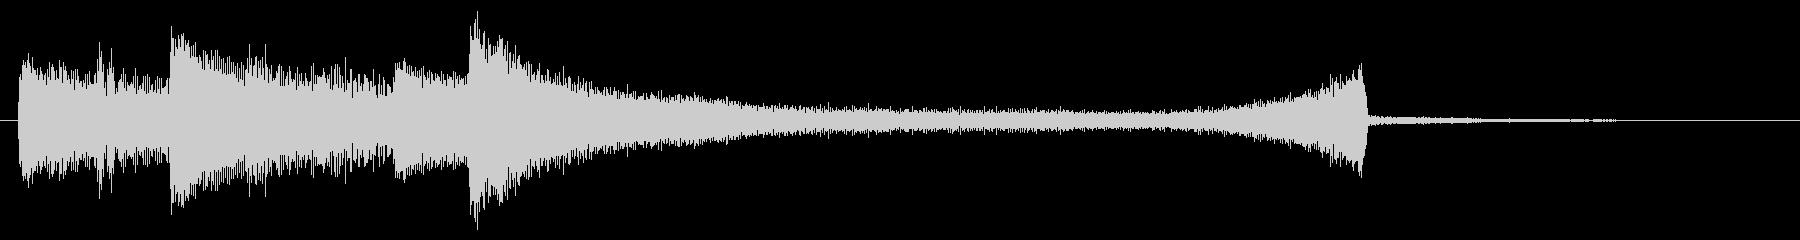 ピアノジングルの未再生の波形